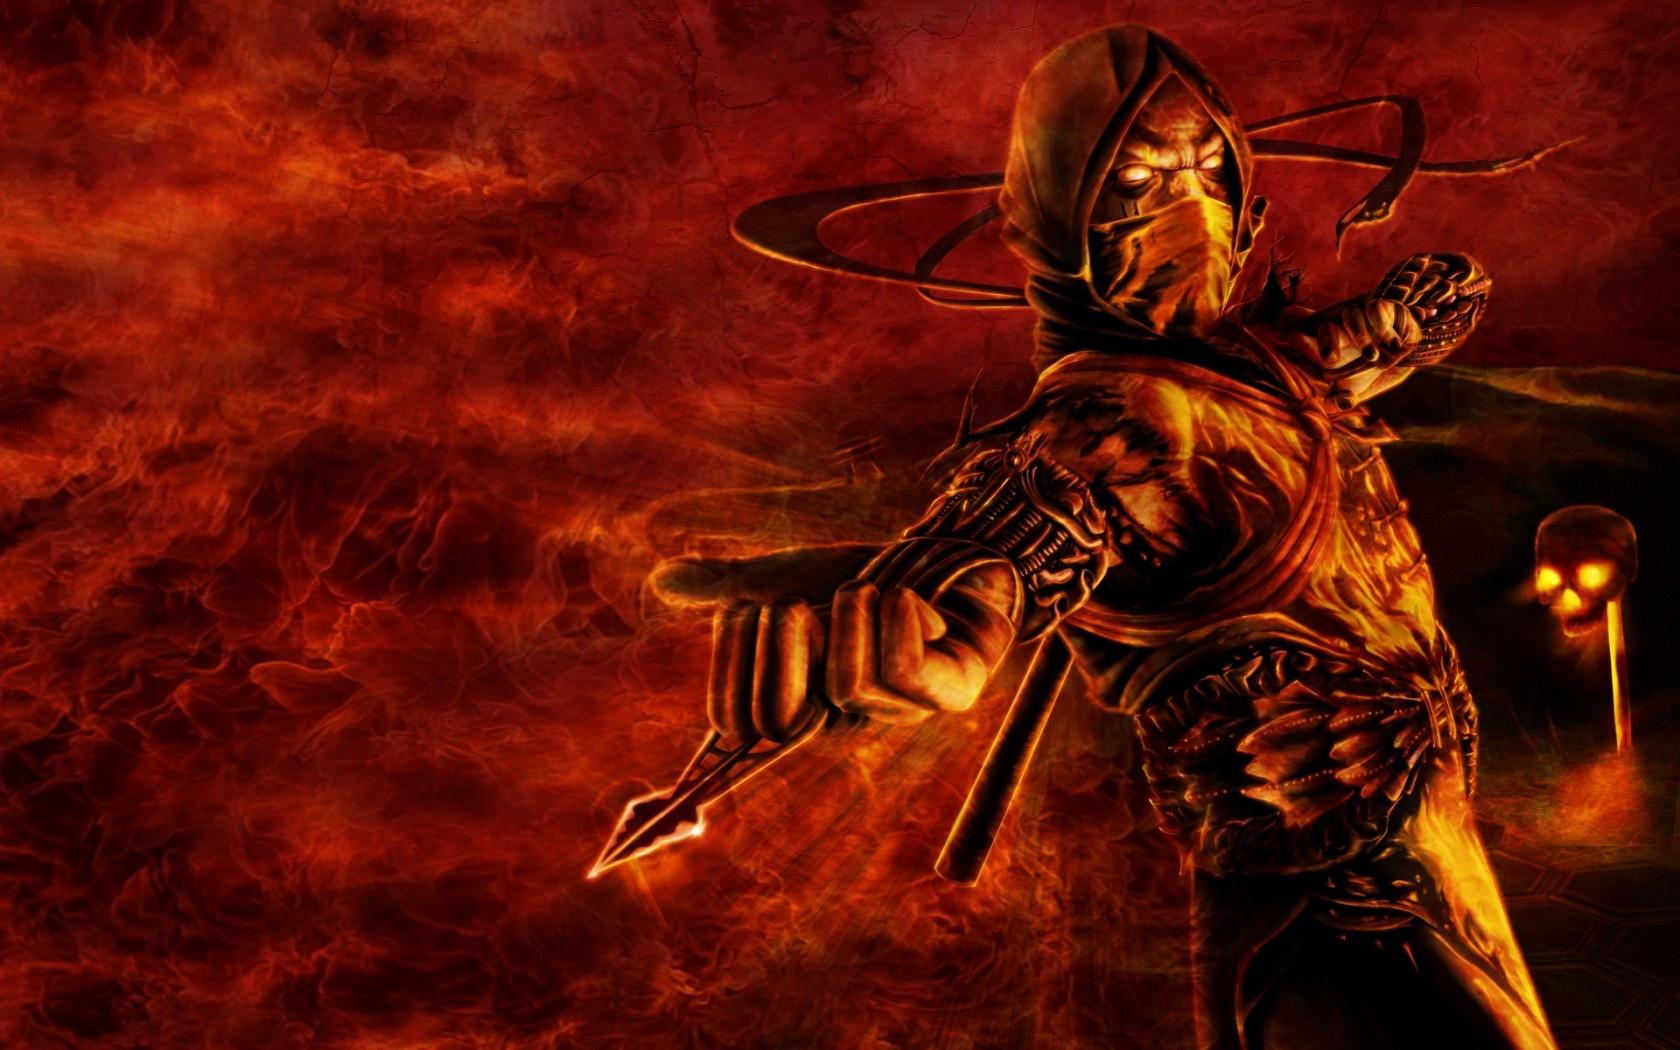 Scorpion Mortal Kombat 9 1680 x 1050 Download Close 1680x1050